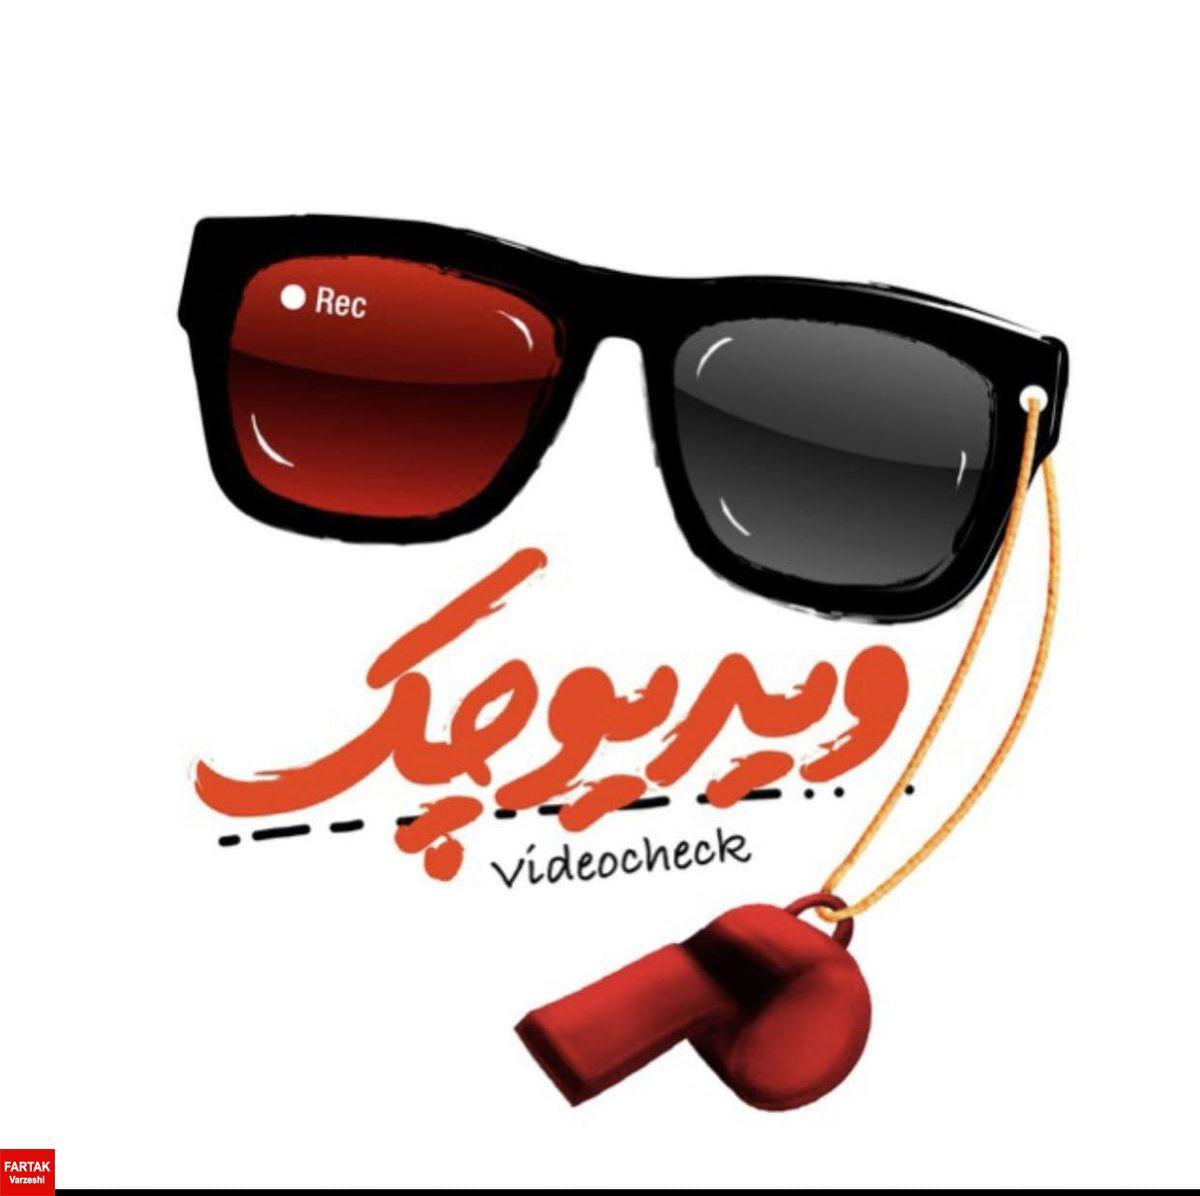 شروع فصل جدید برنامه ویدیوچک از 15 مهر ماه